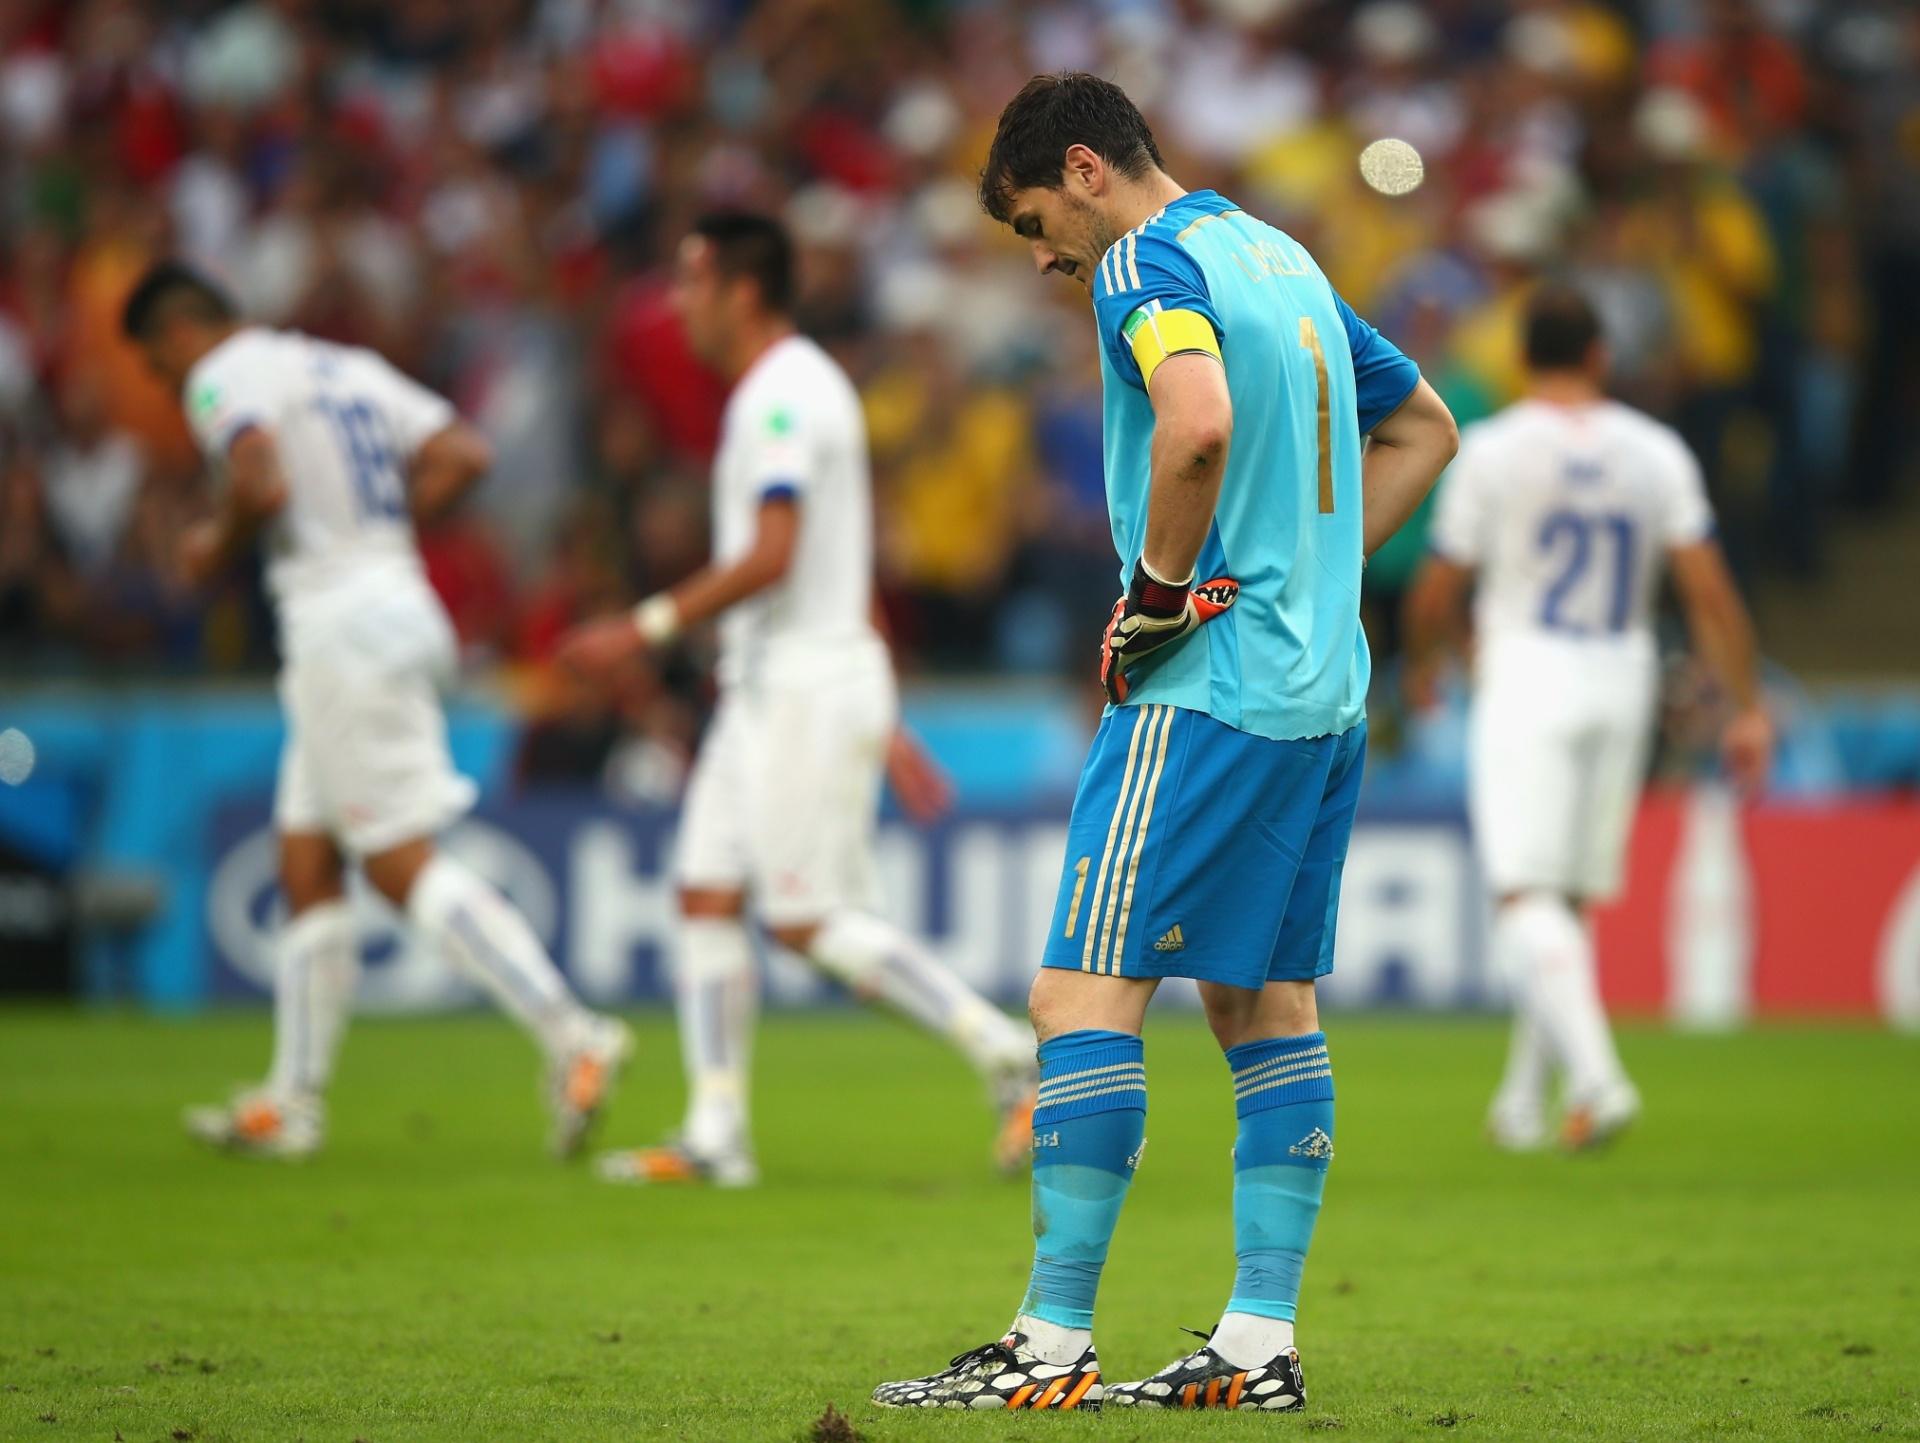 Casillas parece não acreditar após a Espanha sair atrás no placar contra o Chile